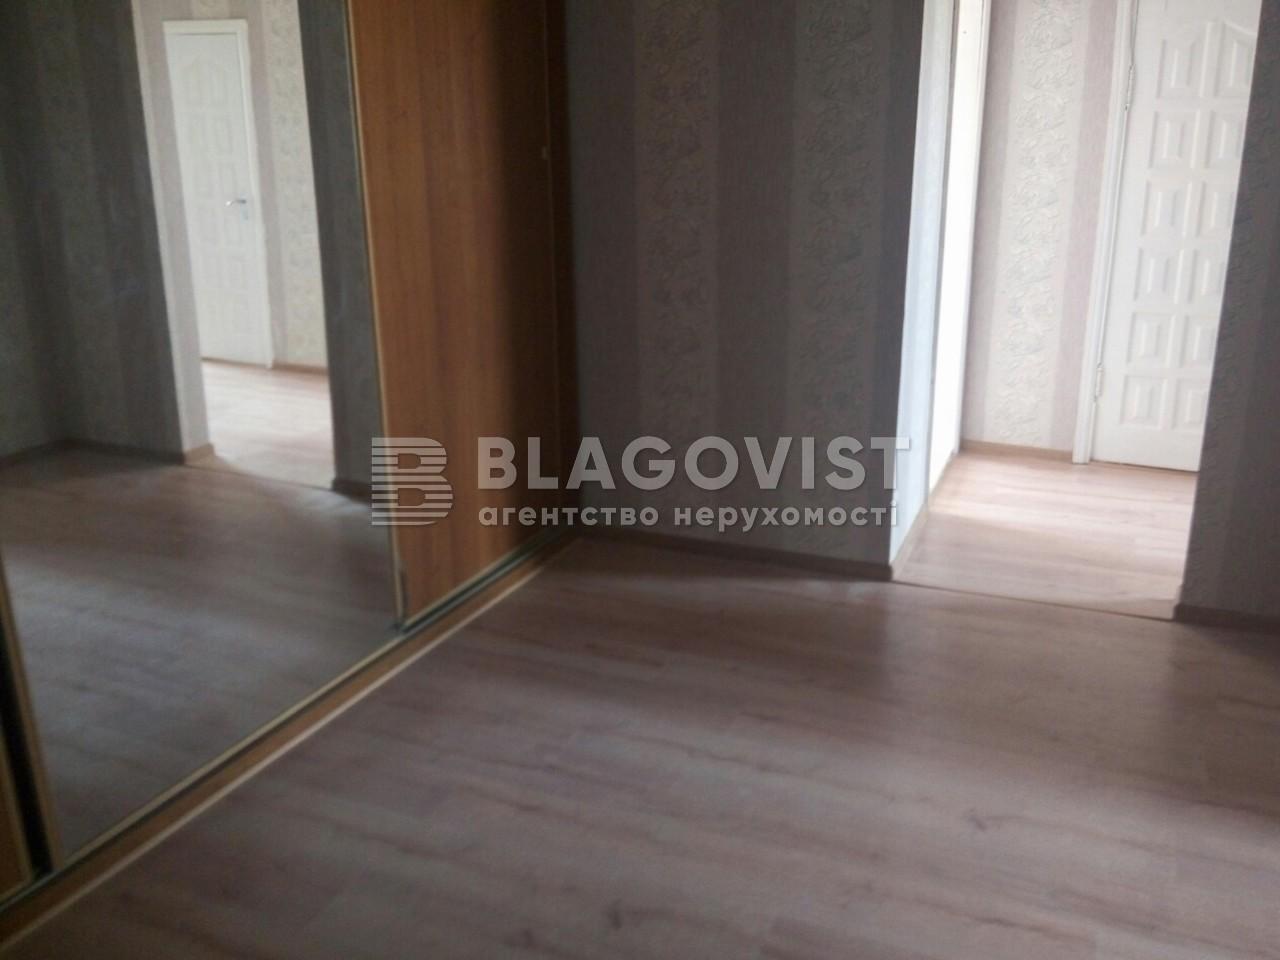 Квартира F-36654, Срибнокильская, 16, Киев - Фото 9